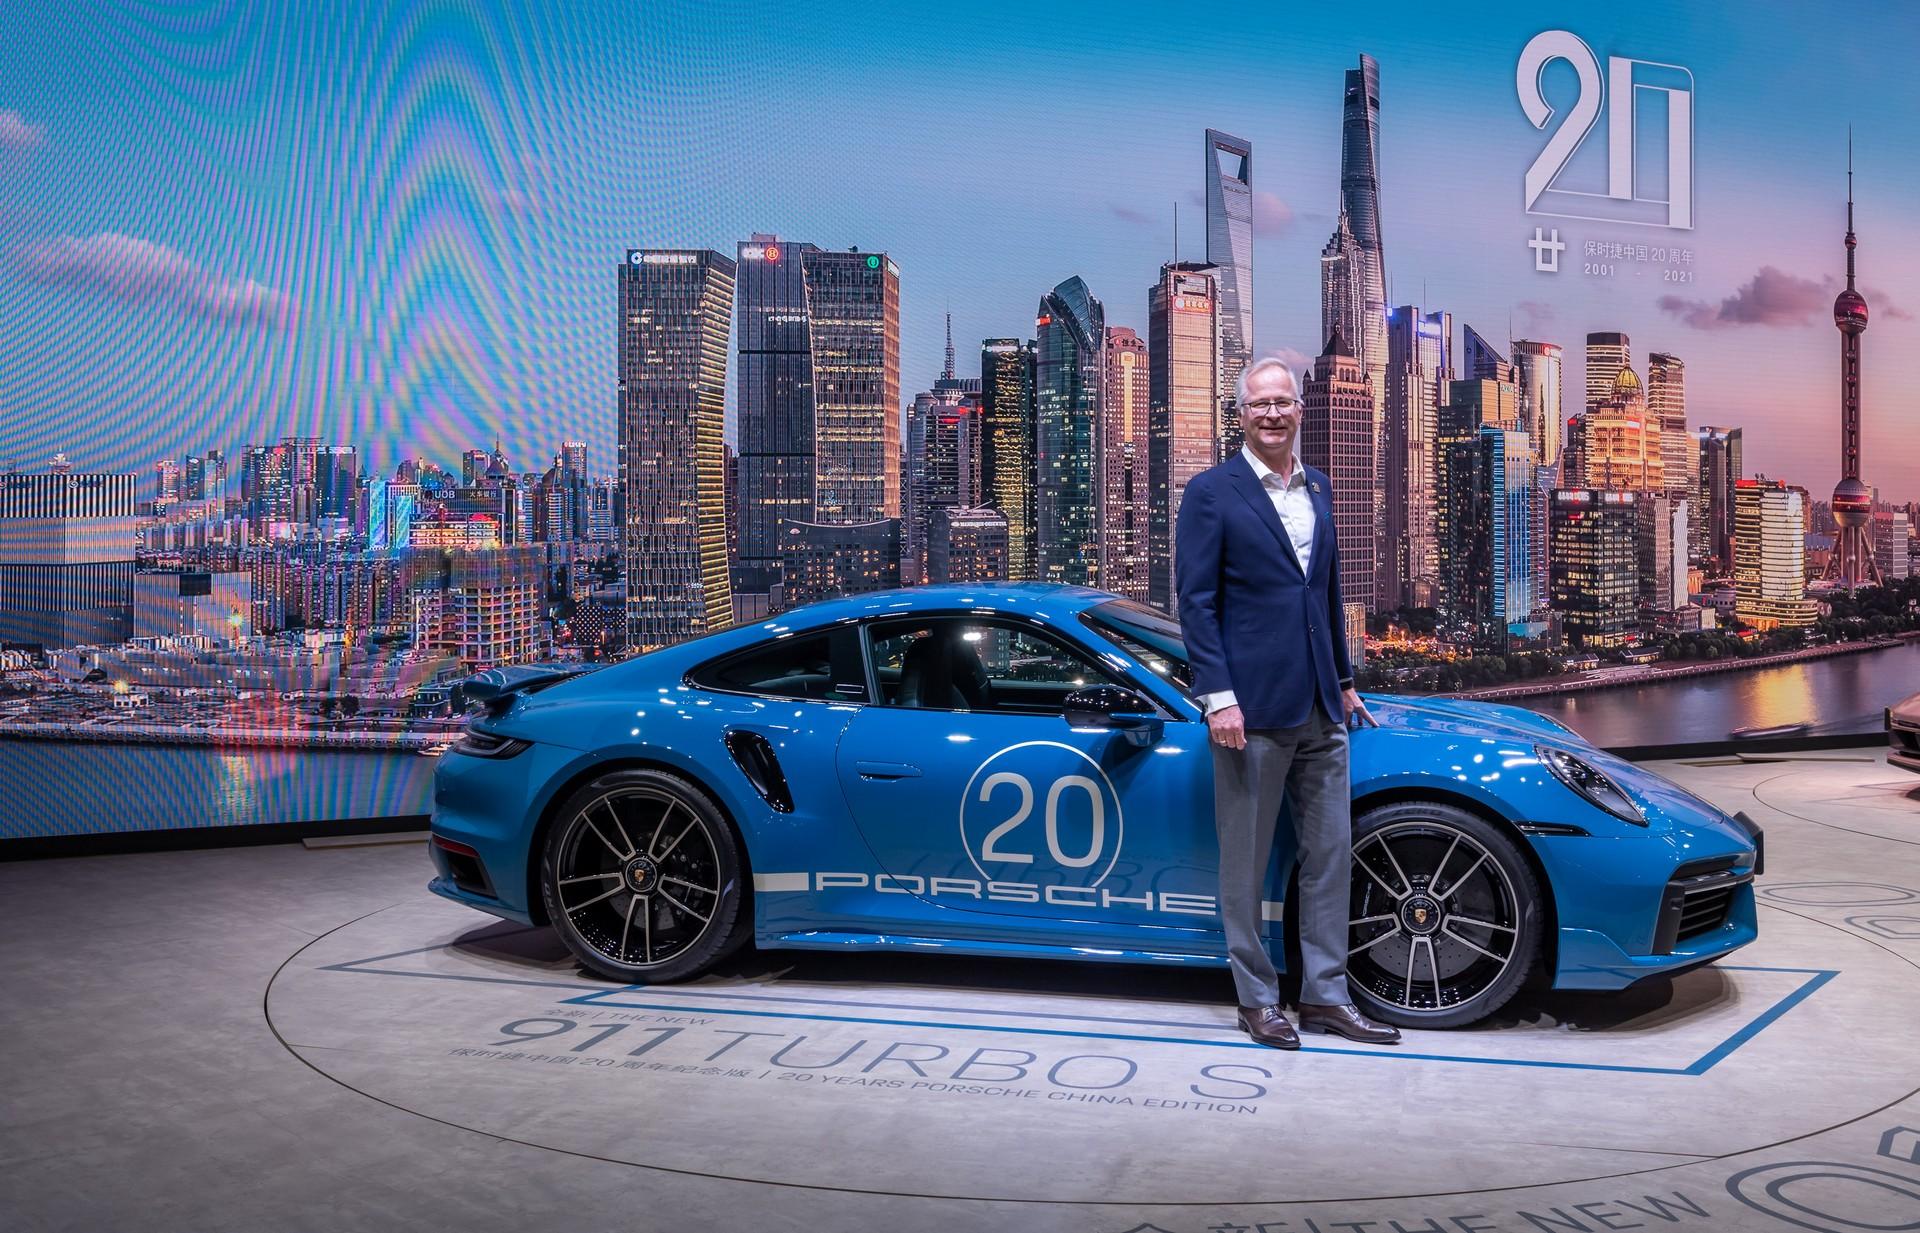 Porsche-911-Turbo-S-20th-Anniversary-Edition-6